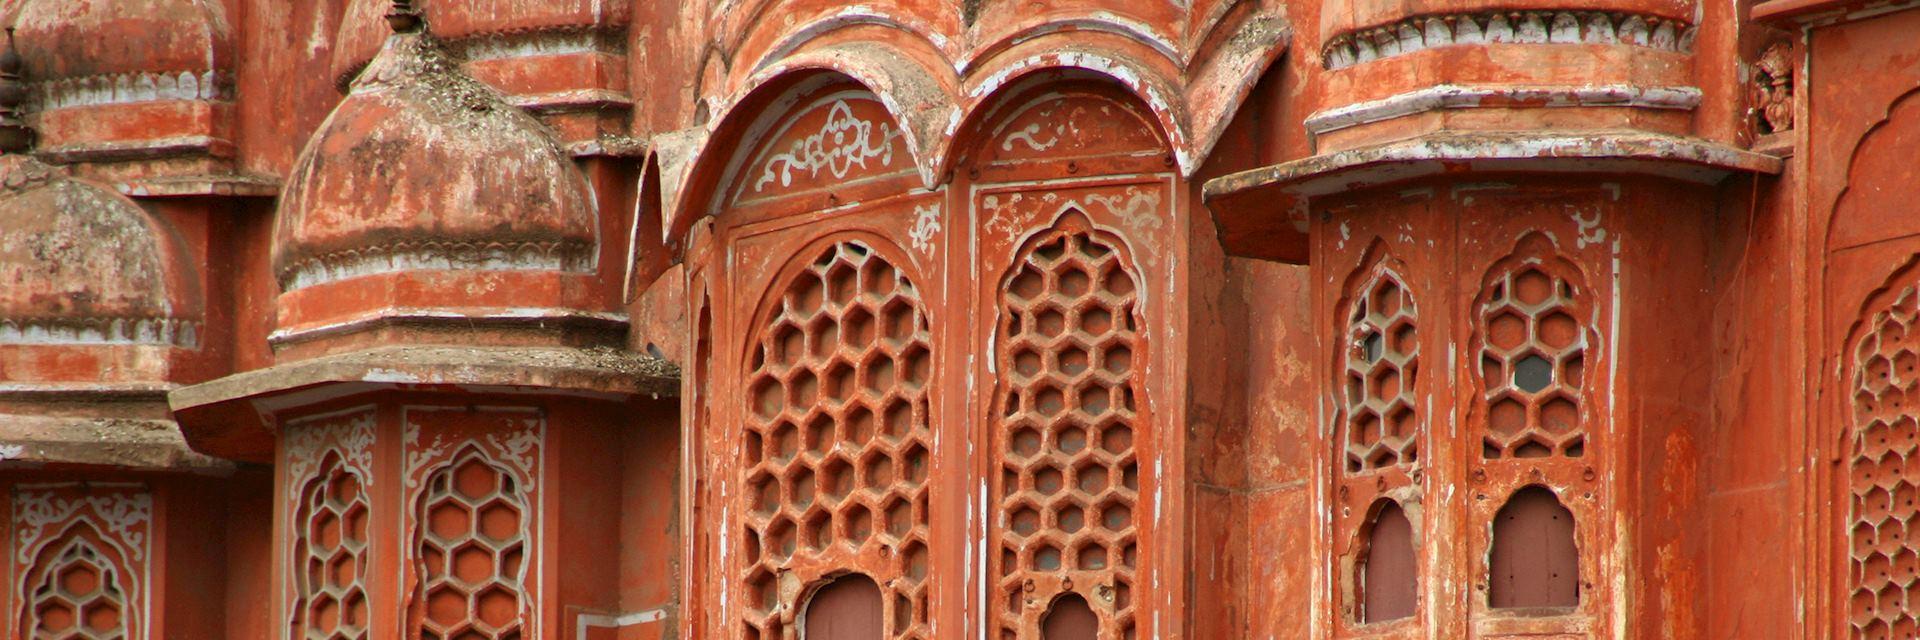 Maharajah Palace Hotel, Rajasthan